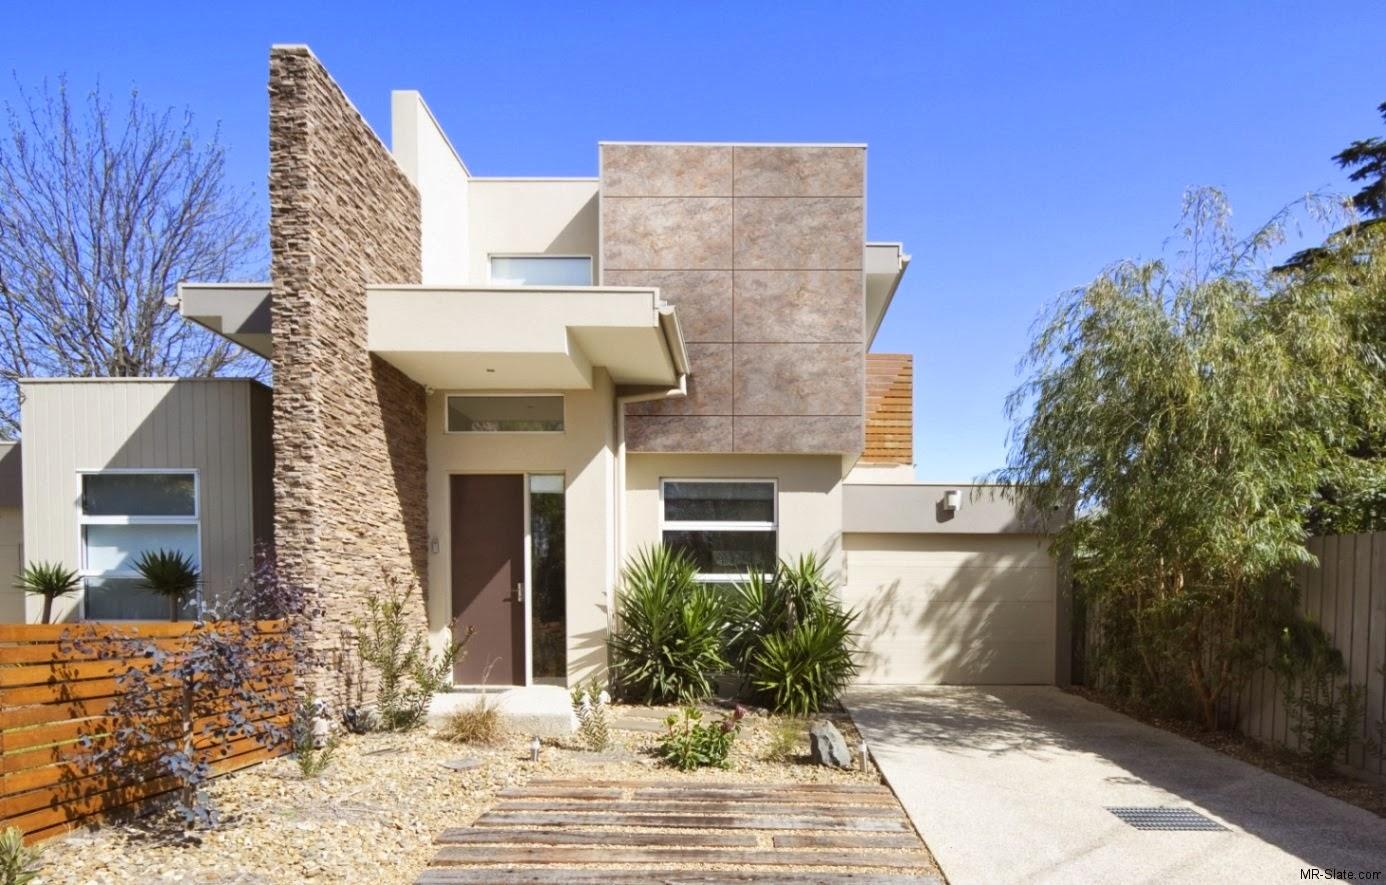 Decoracion actual de moda fachadas de casas modernas for Fachadas de casas modernas con piedra de una planta